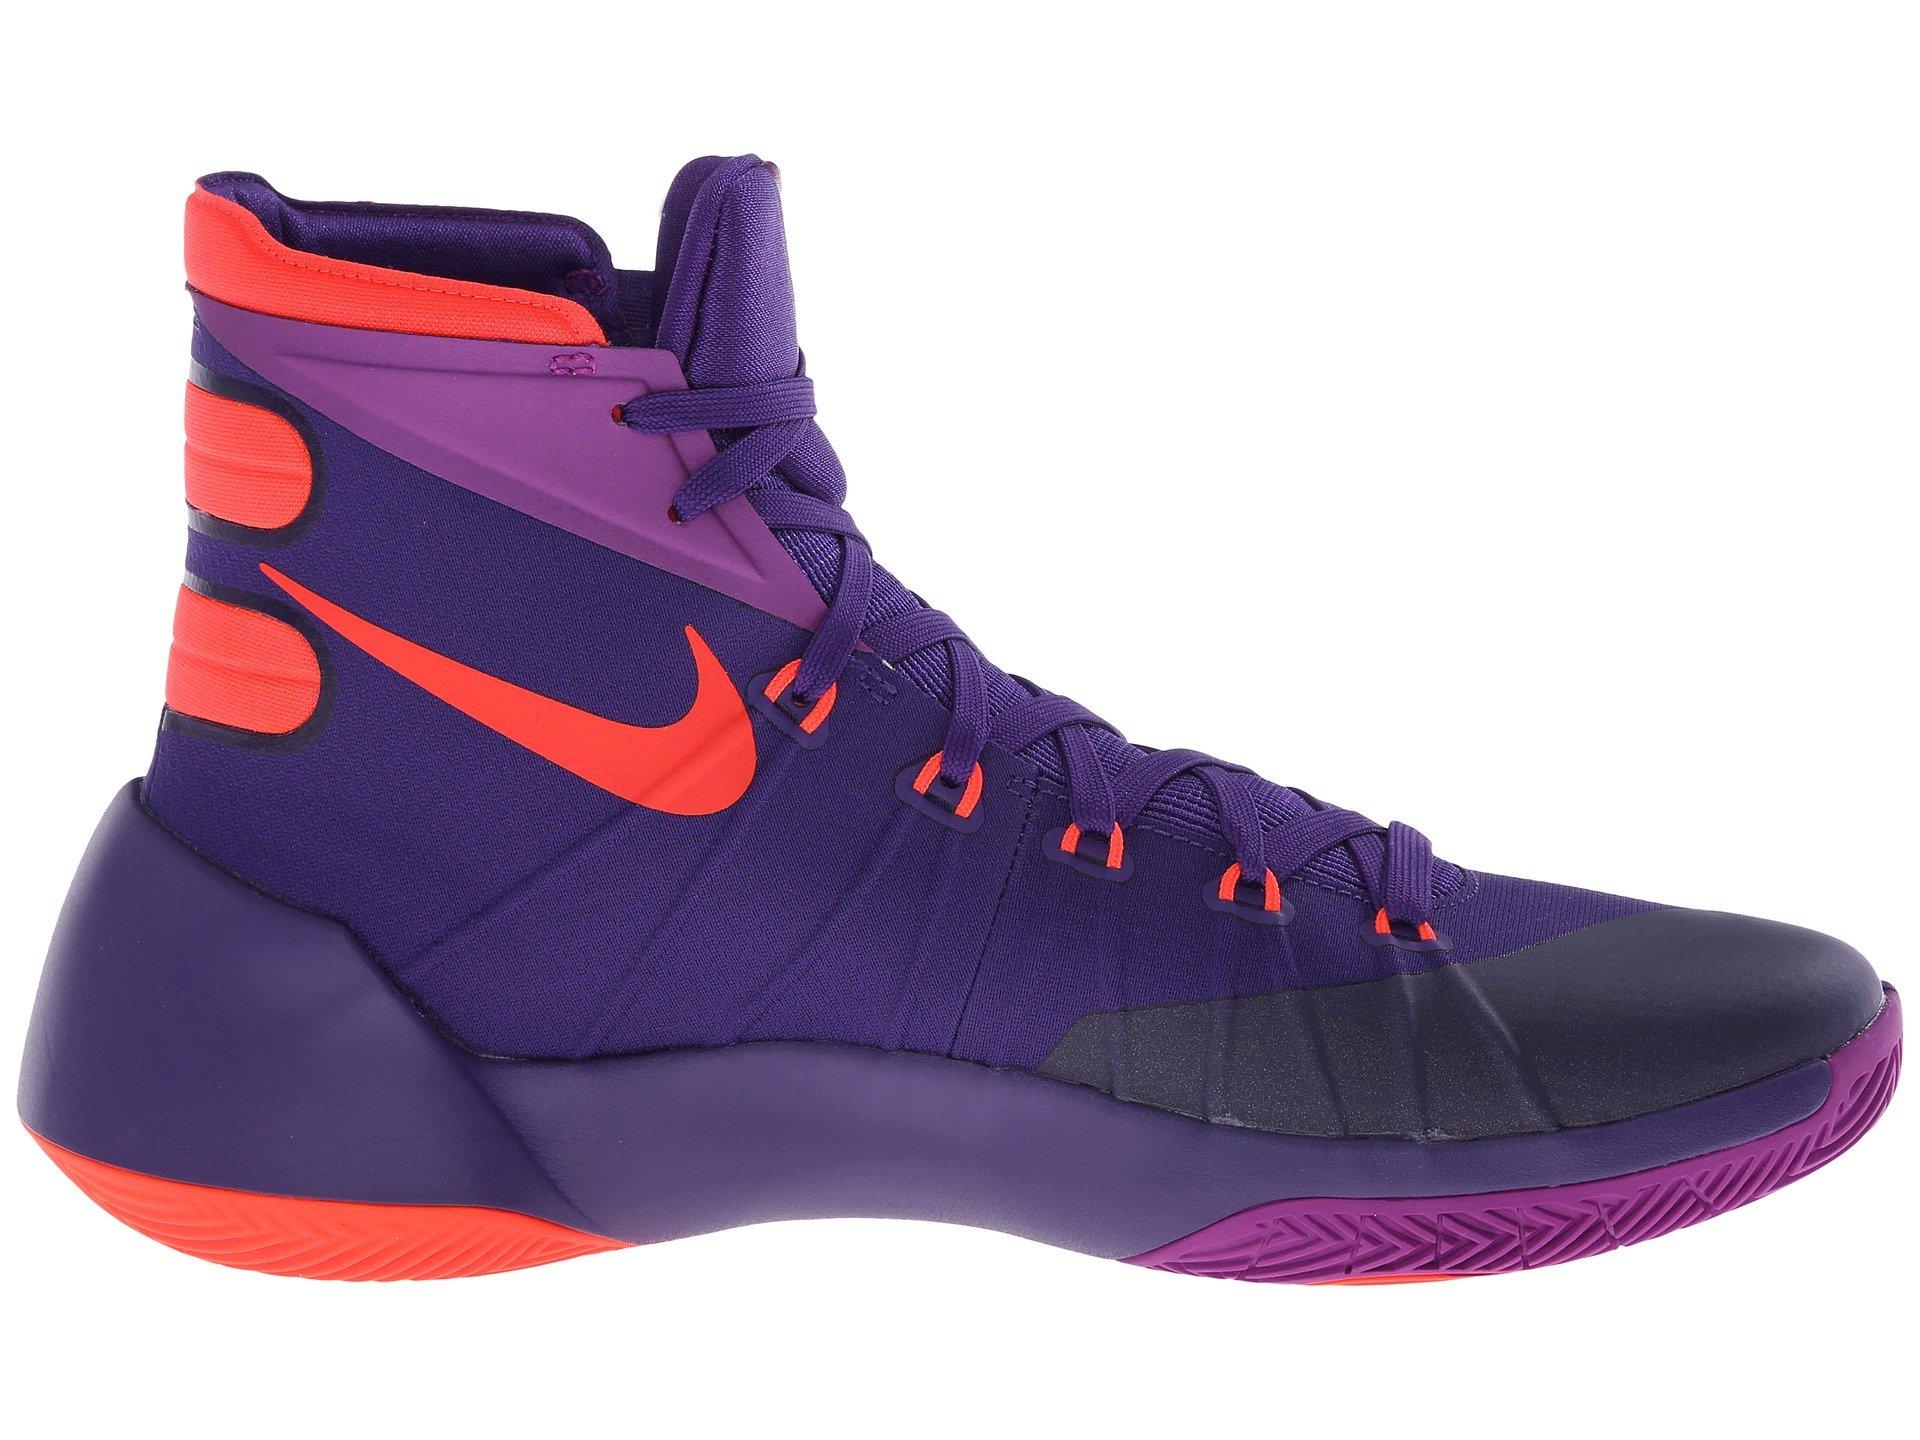 322cfa36c447 Lyst - Nike Hyperdunk 2015 in Purple for Men